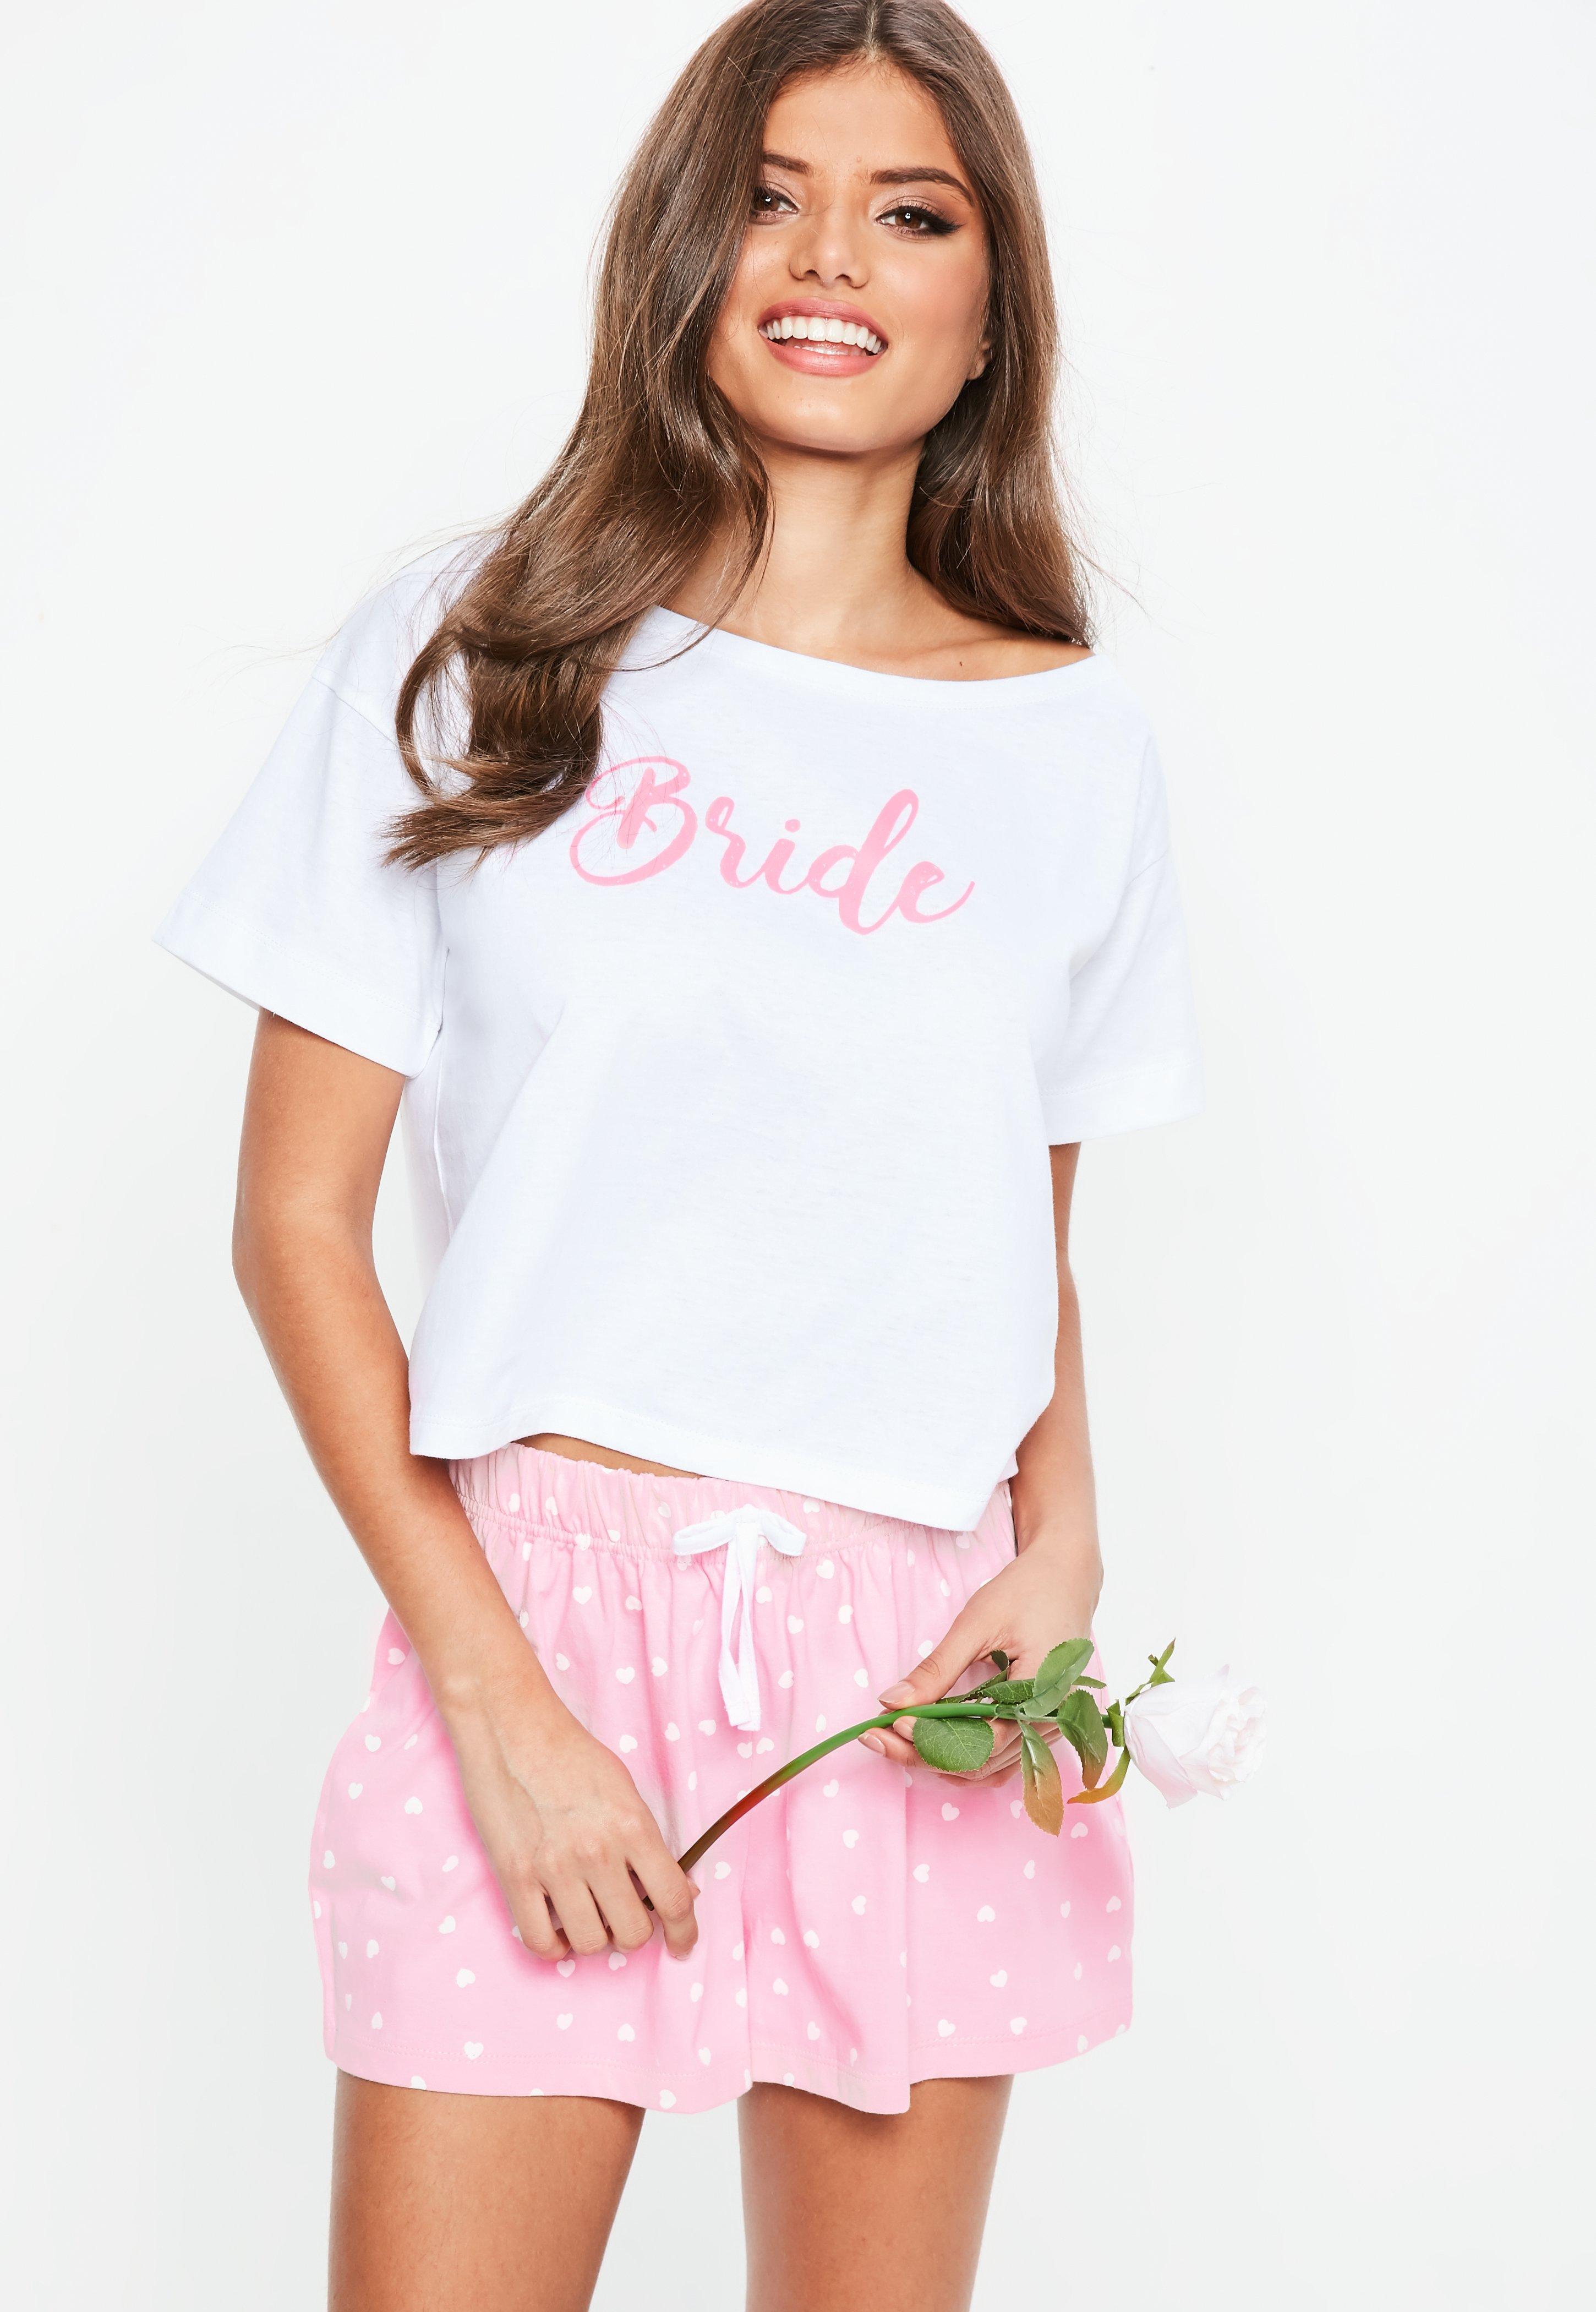 Tolle Brautjunferkleider Rumpf Zeitgenössisch - Hochzeit Kleid Stile ...